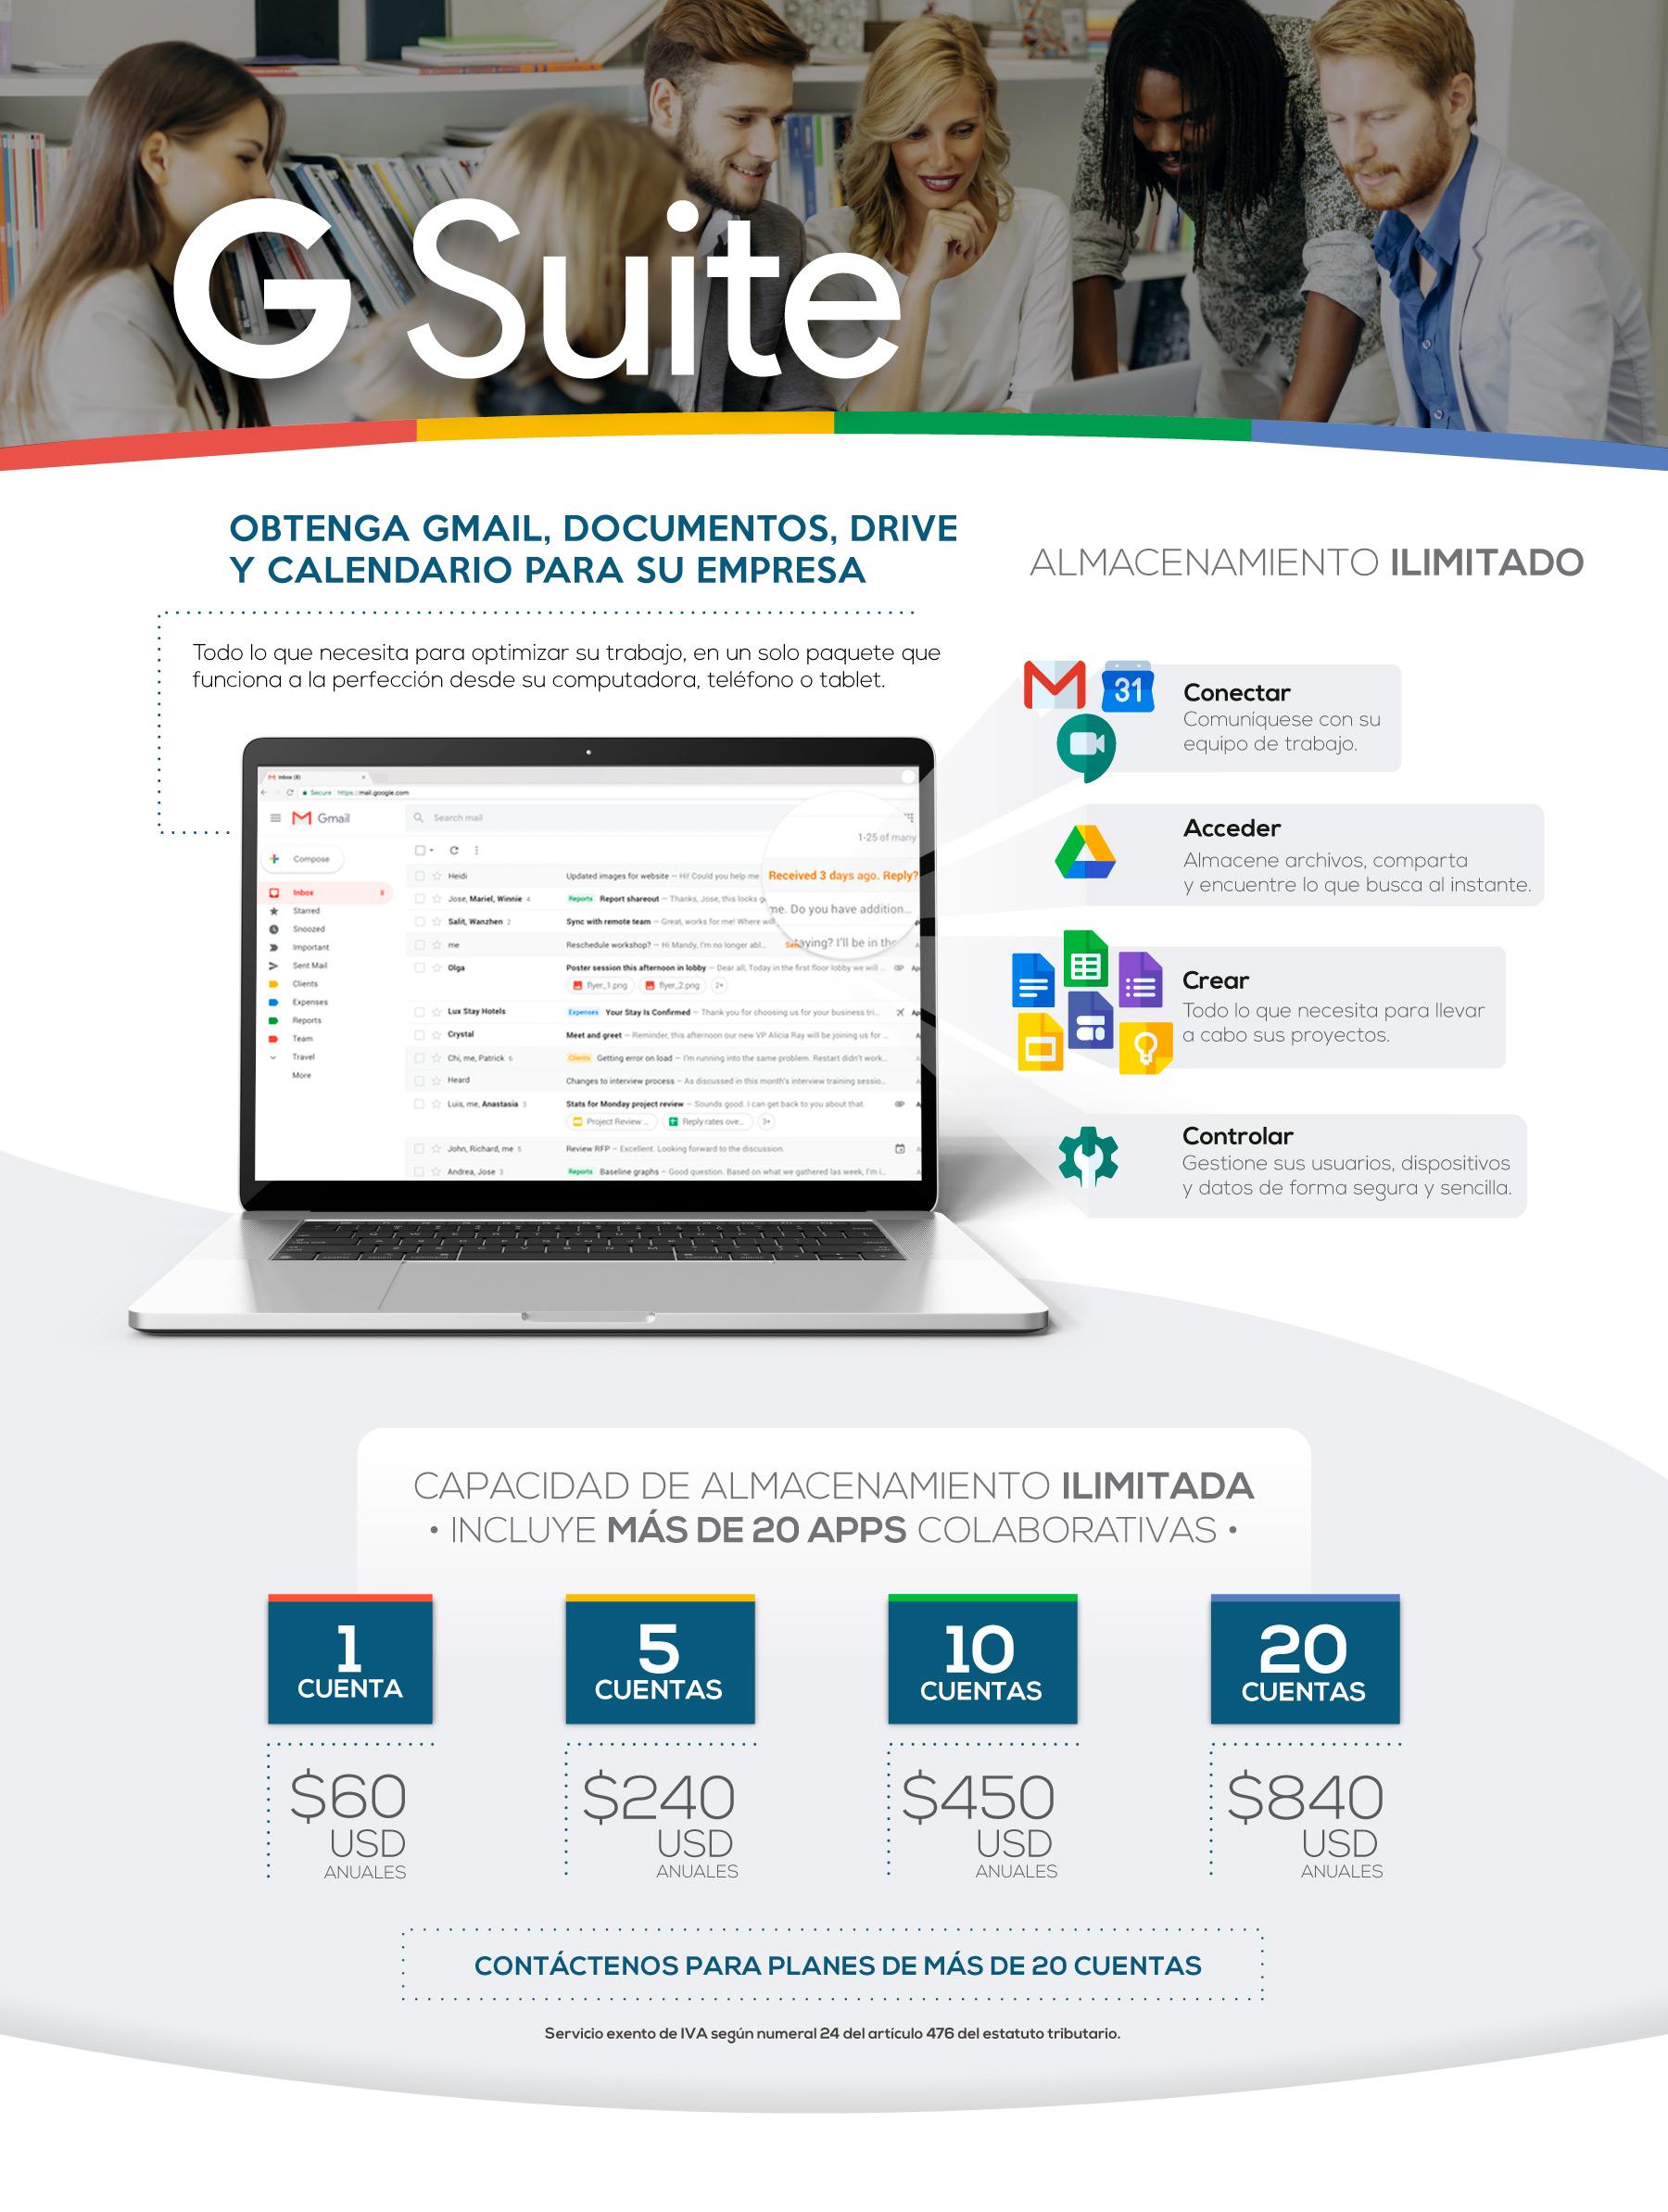 Plataforma de correos Gsuite